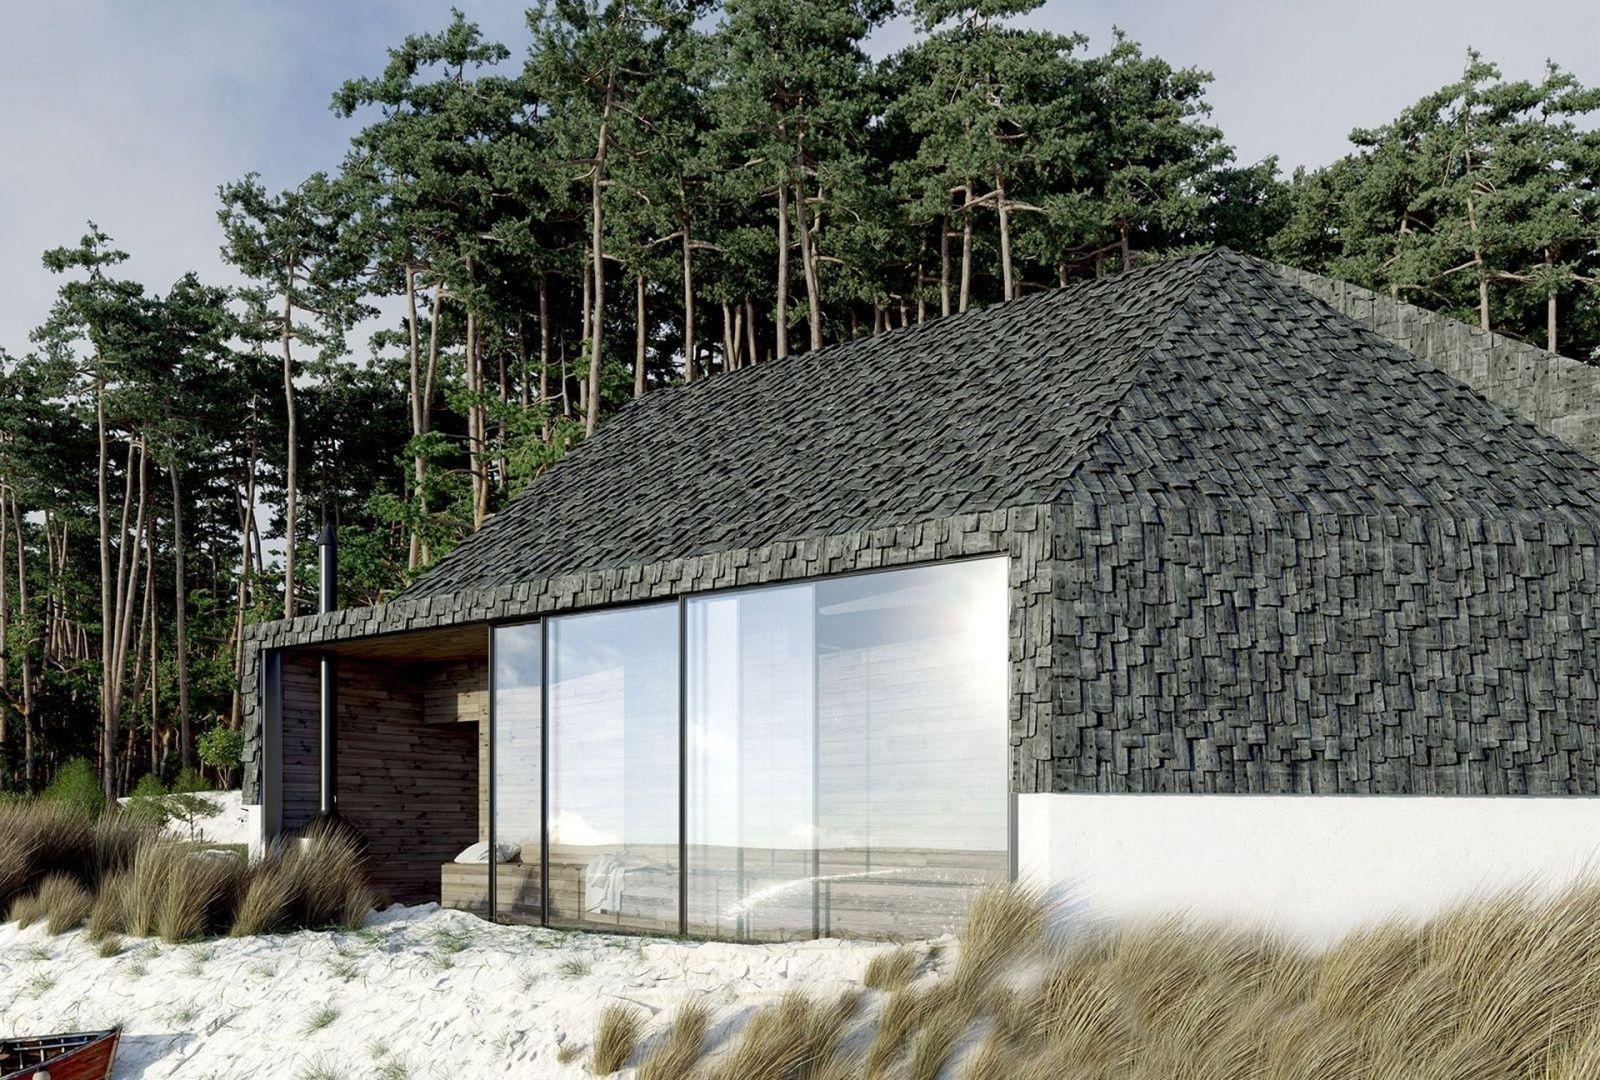 Dom przy plaży o pow. 54 m2. Projekt: Anna Adamowicz, Filip Gołasz, Damian Machnik, Zakład Usług Projektowo-Architektonicznych ZUP-A